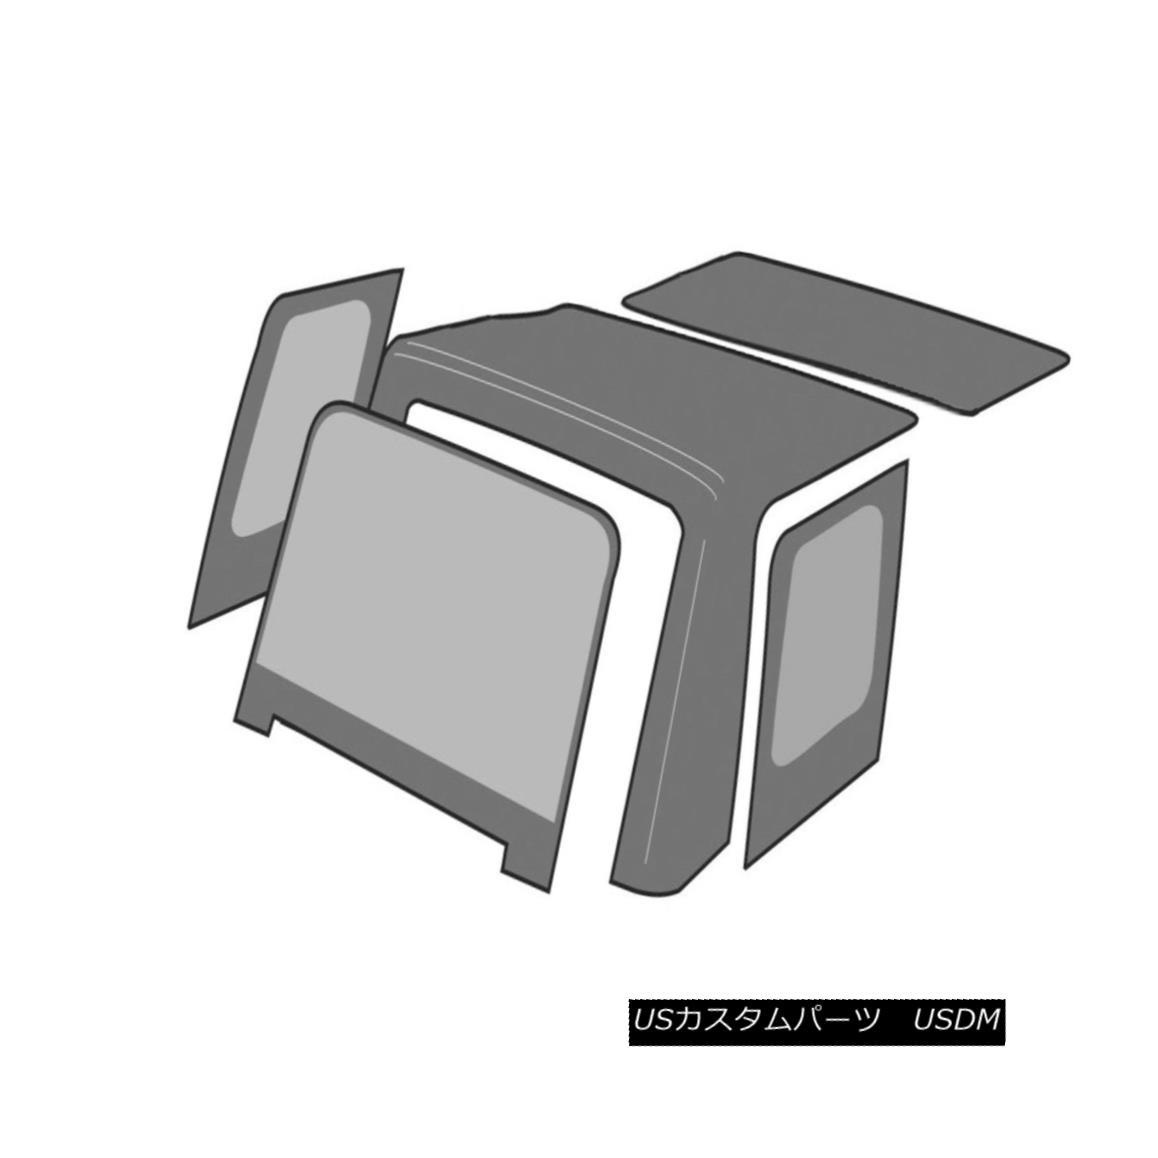 幌・ソフトトップ Rampage 99515 Factory Replacement Soft Top TJ (Canadian) WRANGLER (97-06TJ) ランペイジ99515工場交換ソフトトップTJ(カナダ)WRANGLER(97-06TJ)